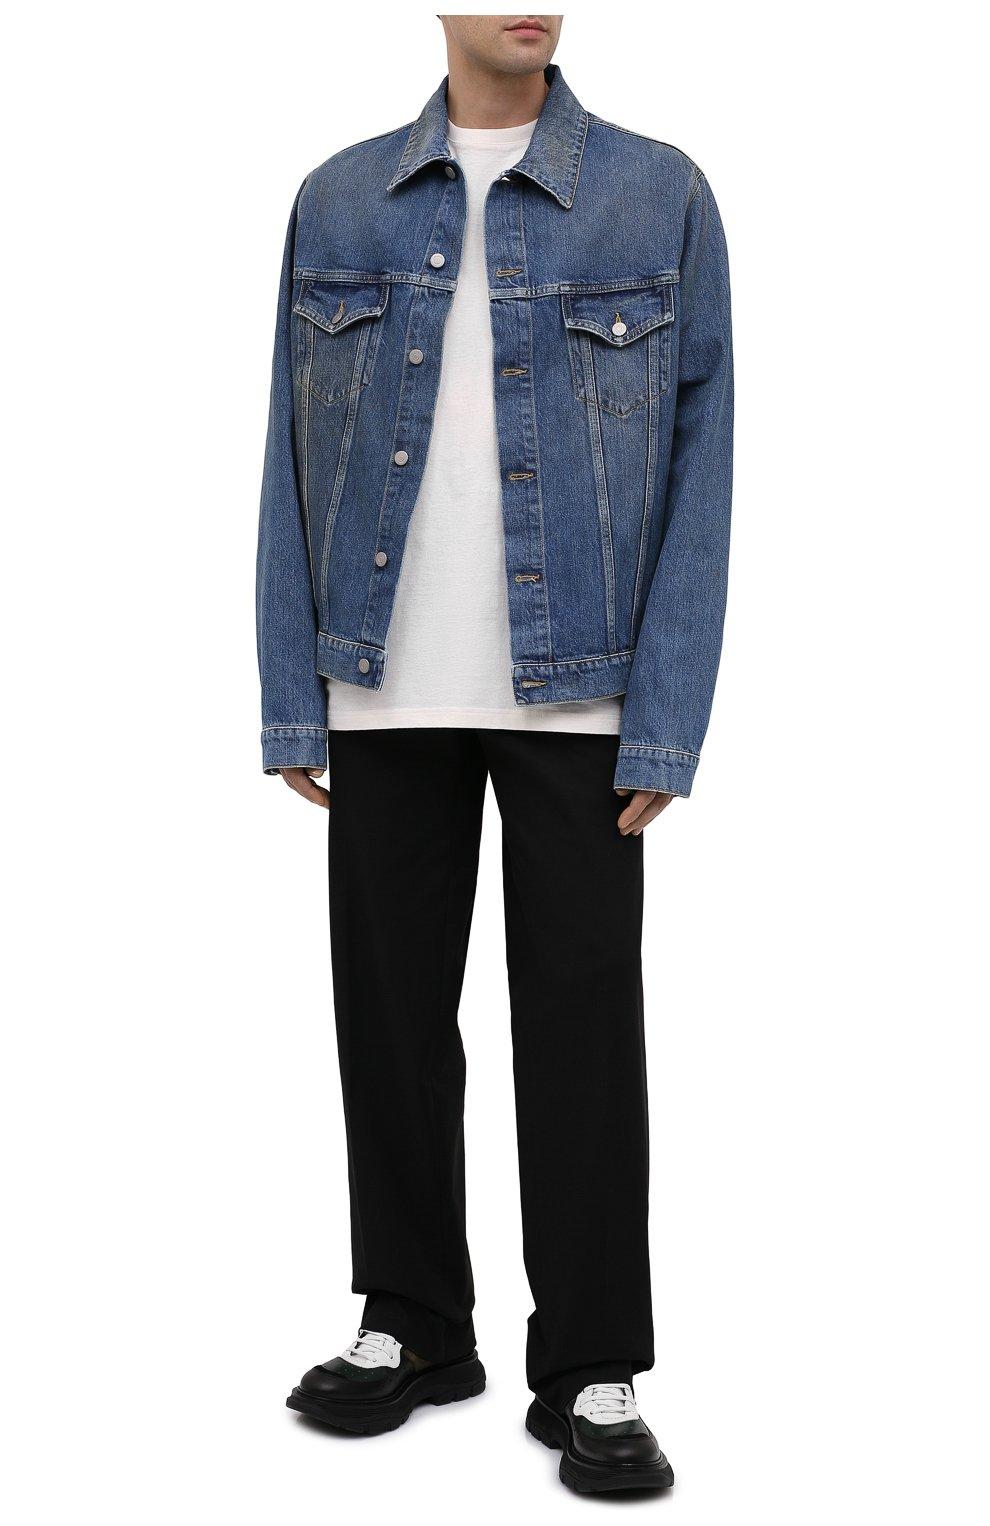 Мужская джинсовая куртка MAISON MARGIELA синего цвета, арт. S50AM0483/S30561 | Фото 2 (Кросс-КТ: Куртка, Деним; Рукава: Длинные; Стили: Гранж; Материал внешний: Хлопок; Мужское Кросс-КТ: Куртка-верхняя одежда, Верхняя одежда; Длина (верхняя одежда): Короткие)